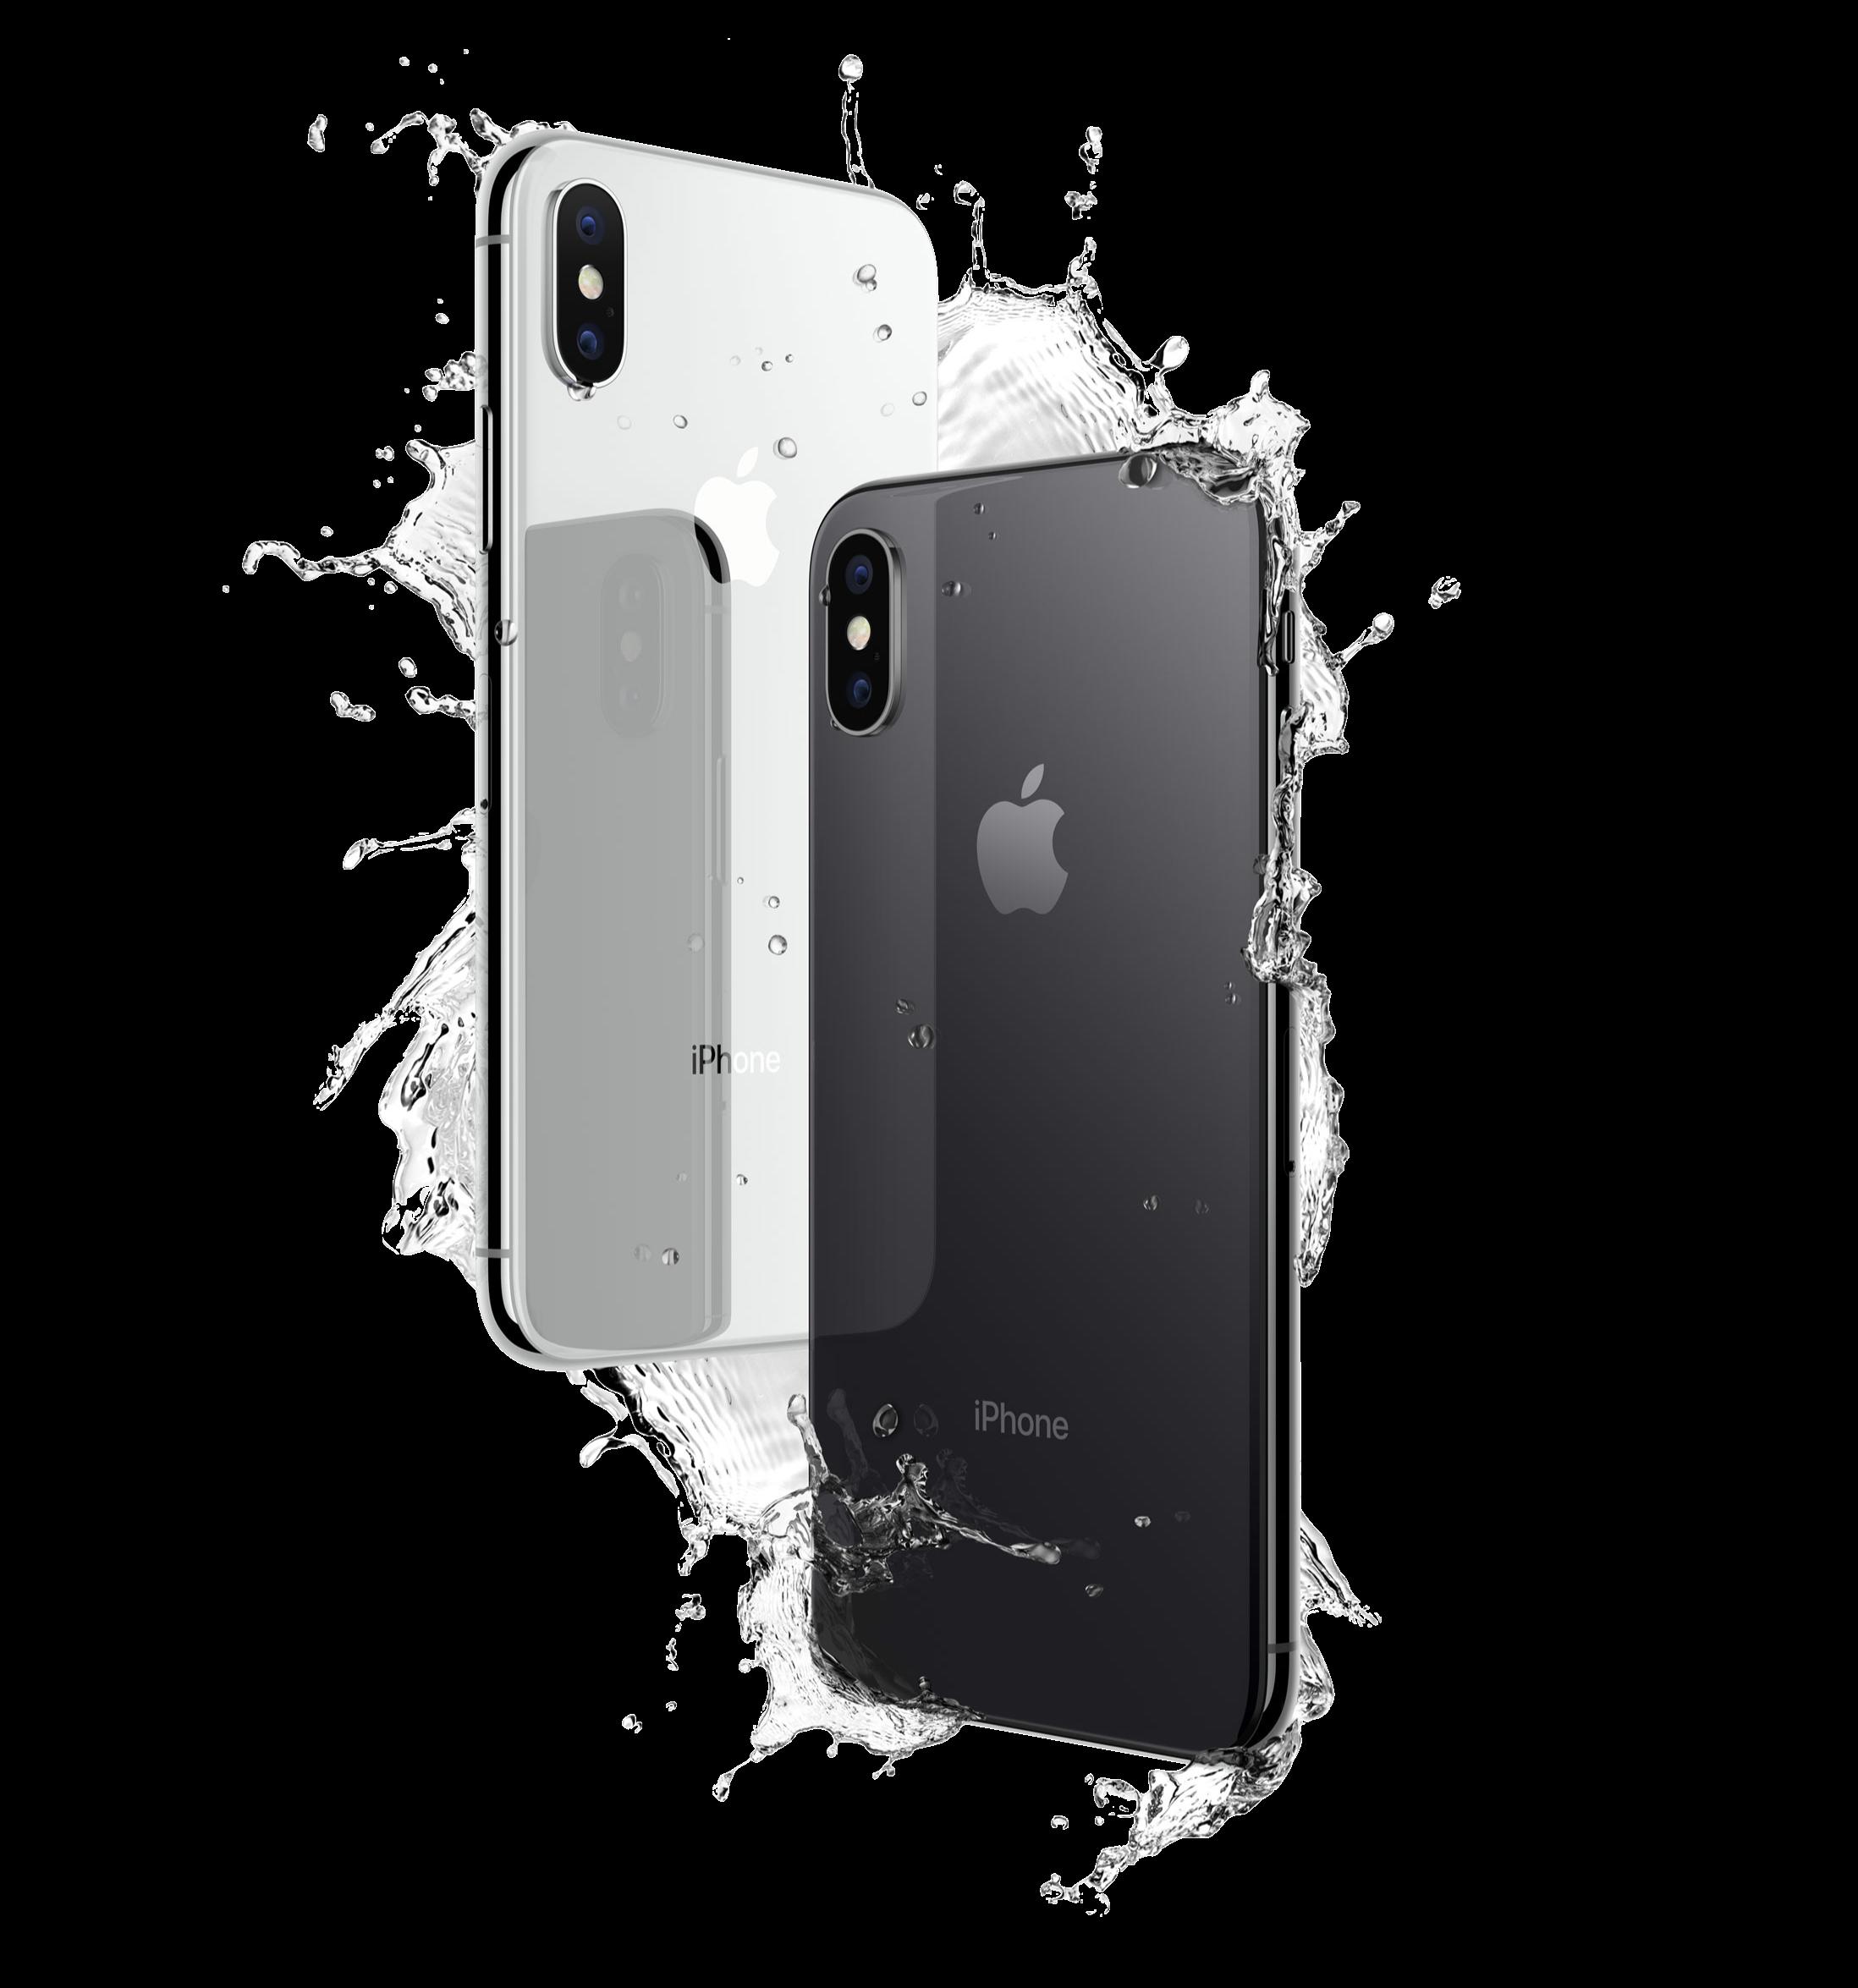 iPhoneXシルバーとスペースグレイの写真